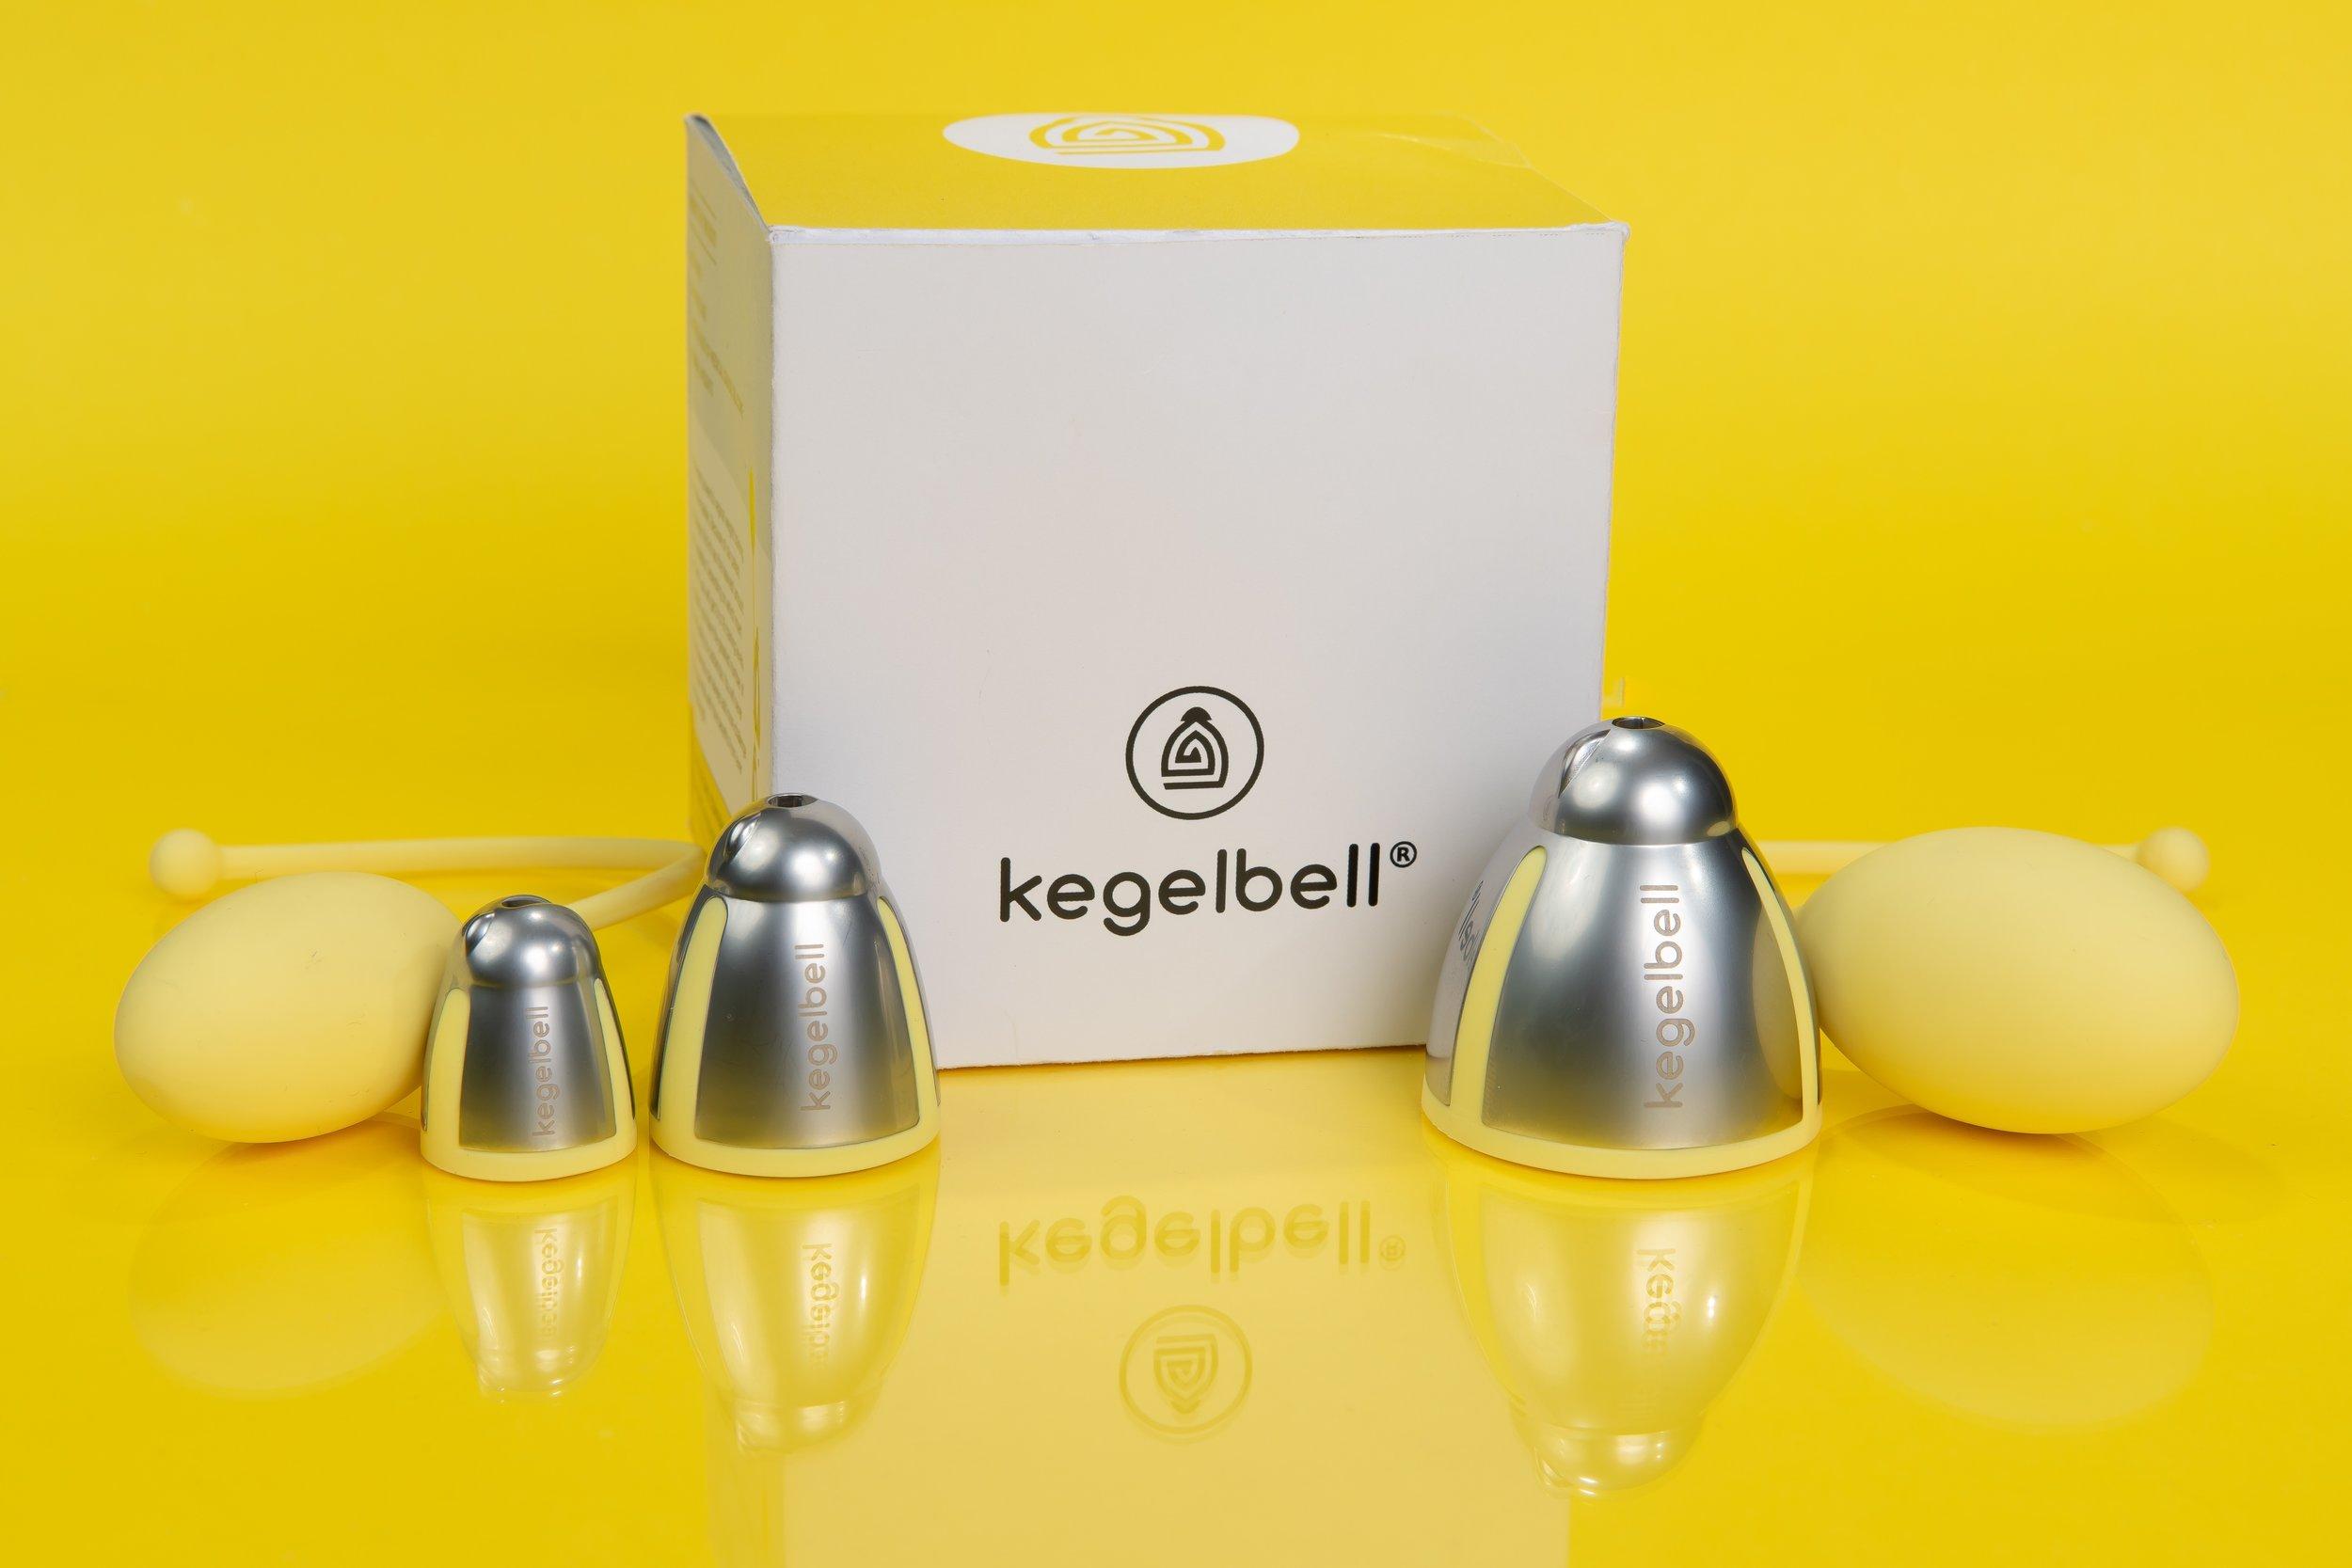 IMG_2599 - Kegelbell Kegel Training System.JPG